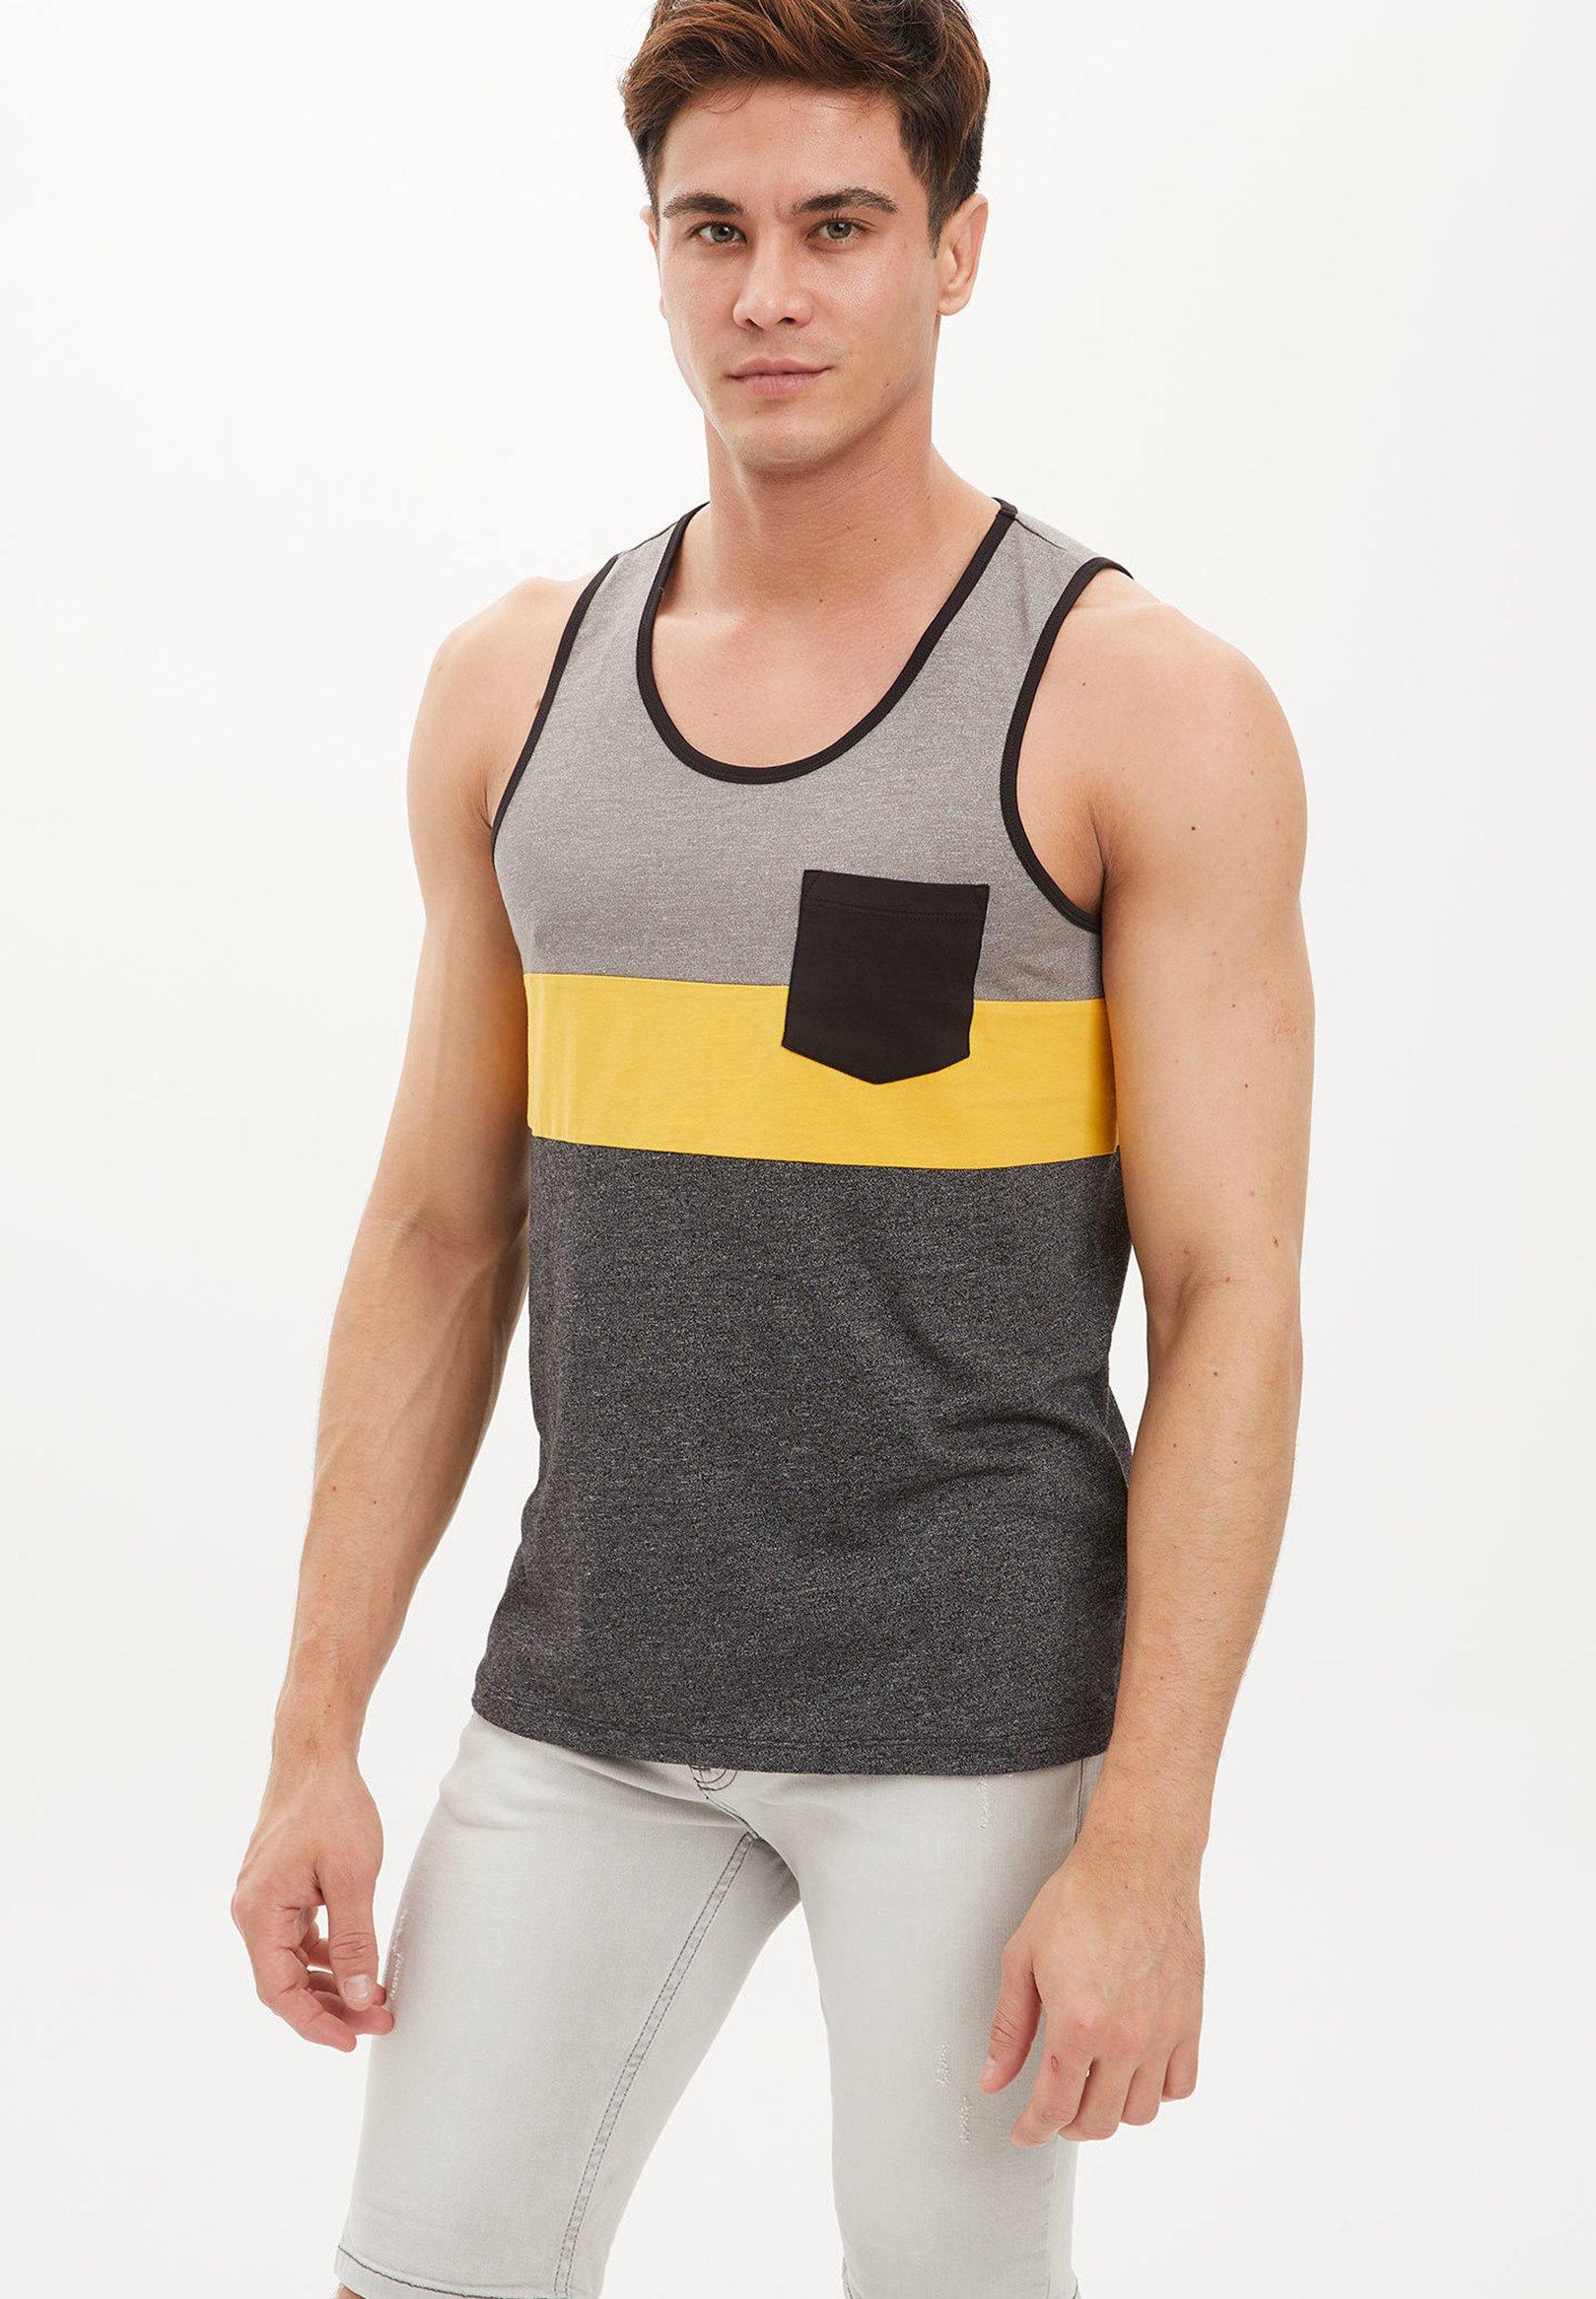 Nike Sportswear TEE CUT OUT - Långärmad tröja - black/svart - Herrkläder tZuI3